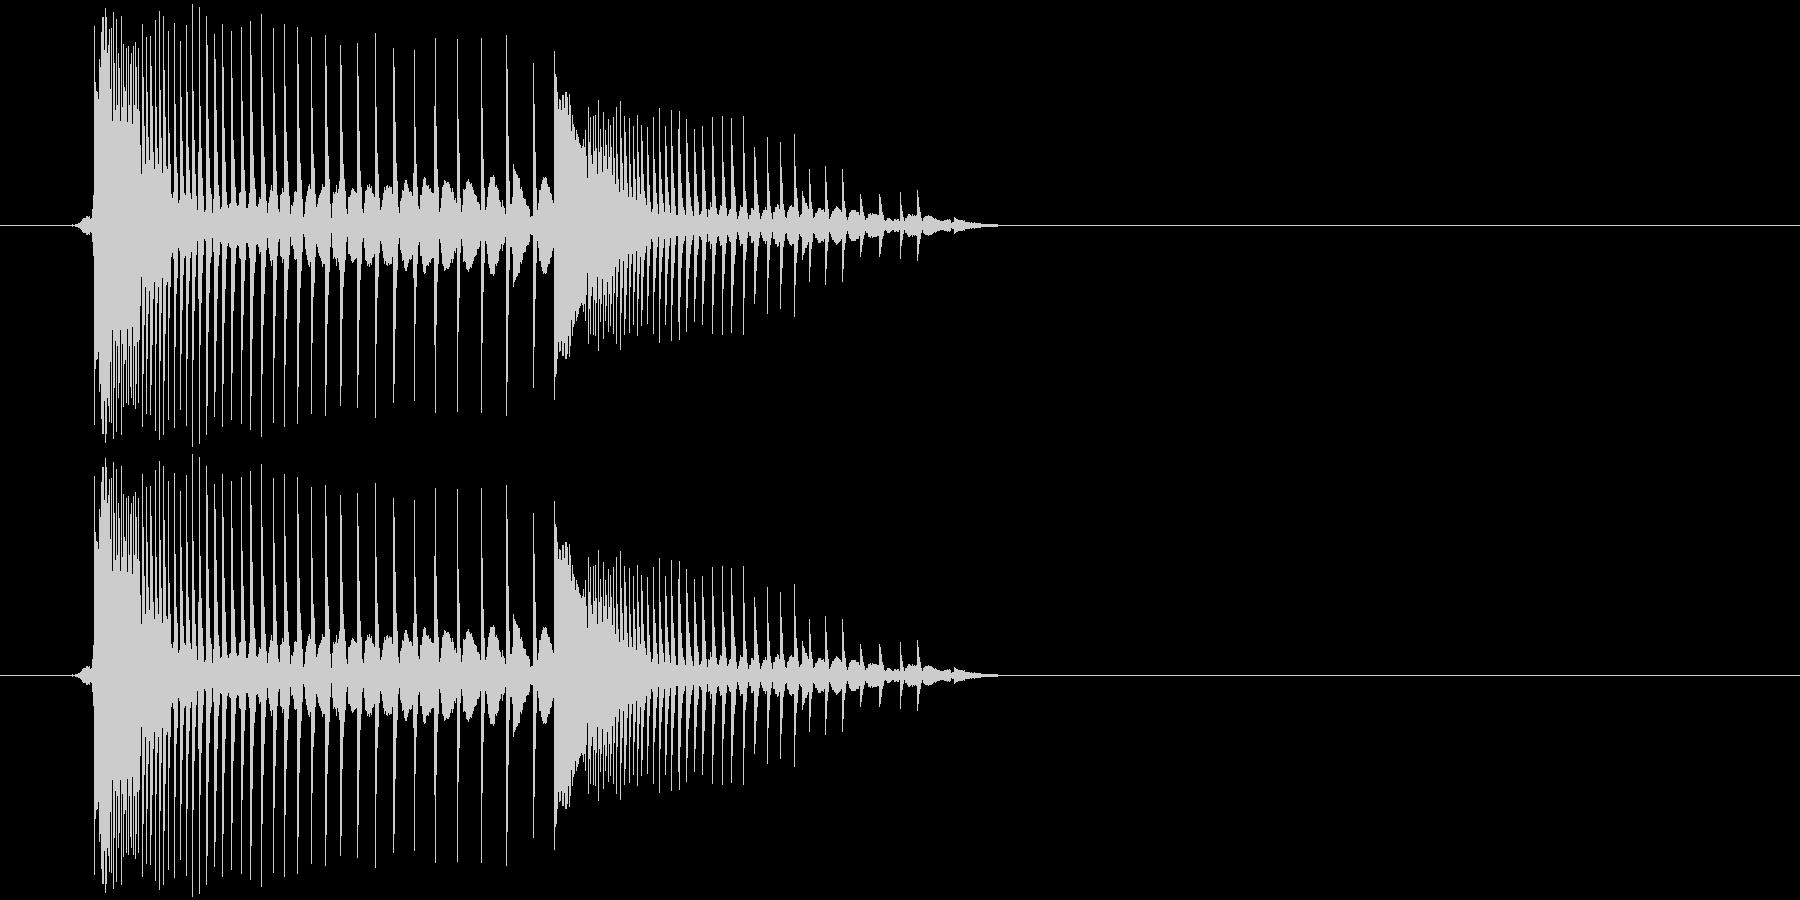 【アプリ/ボタン/チップチューン】の未再生の波形